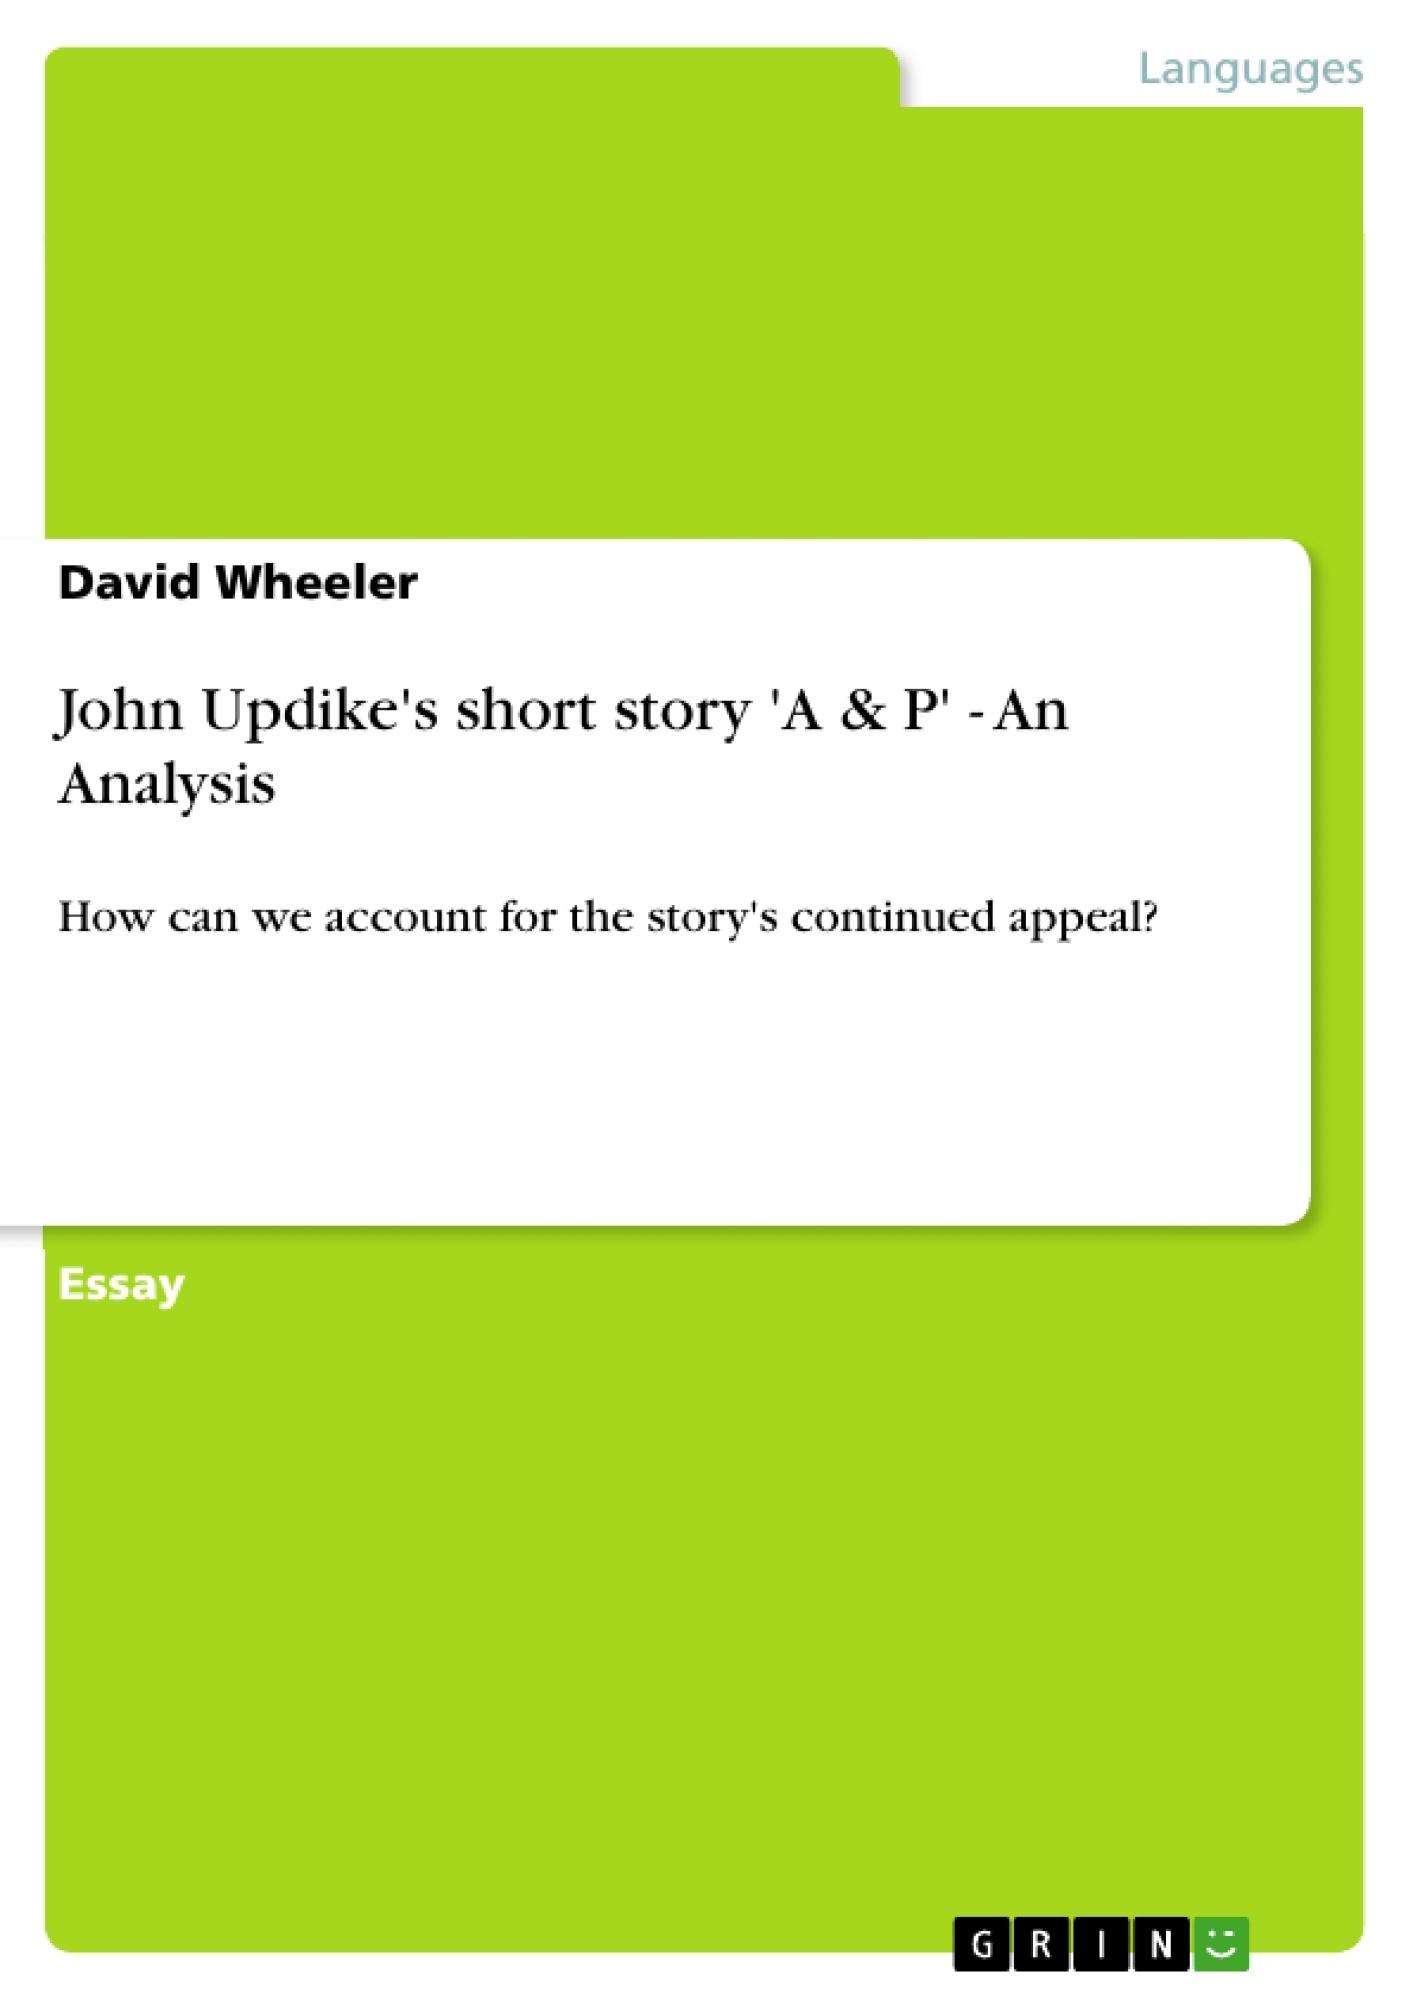 Title: John Updike's short story 'A & P' - An Analysis